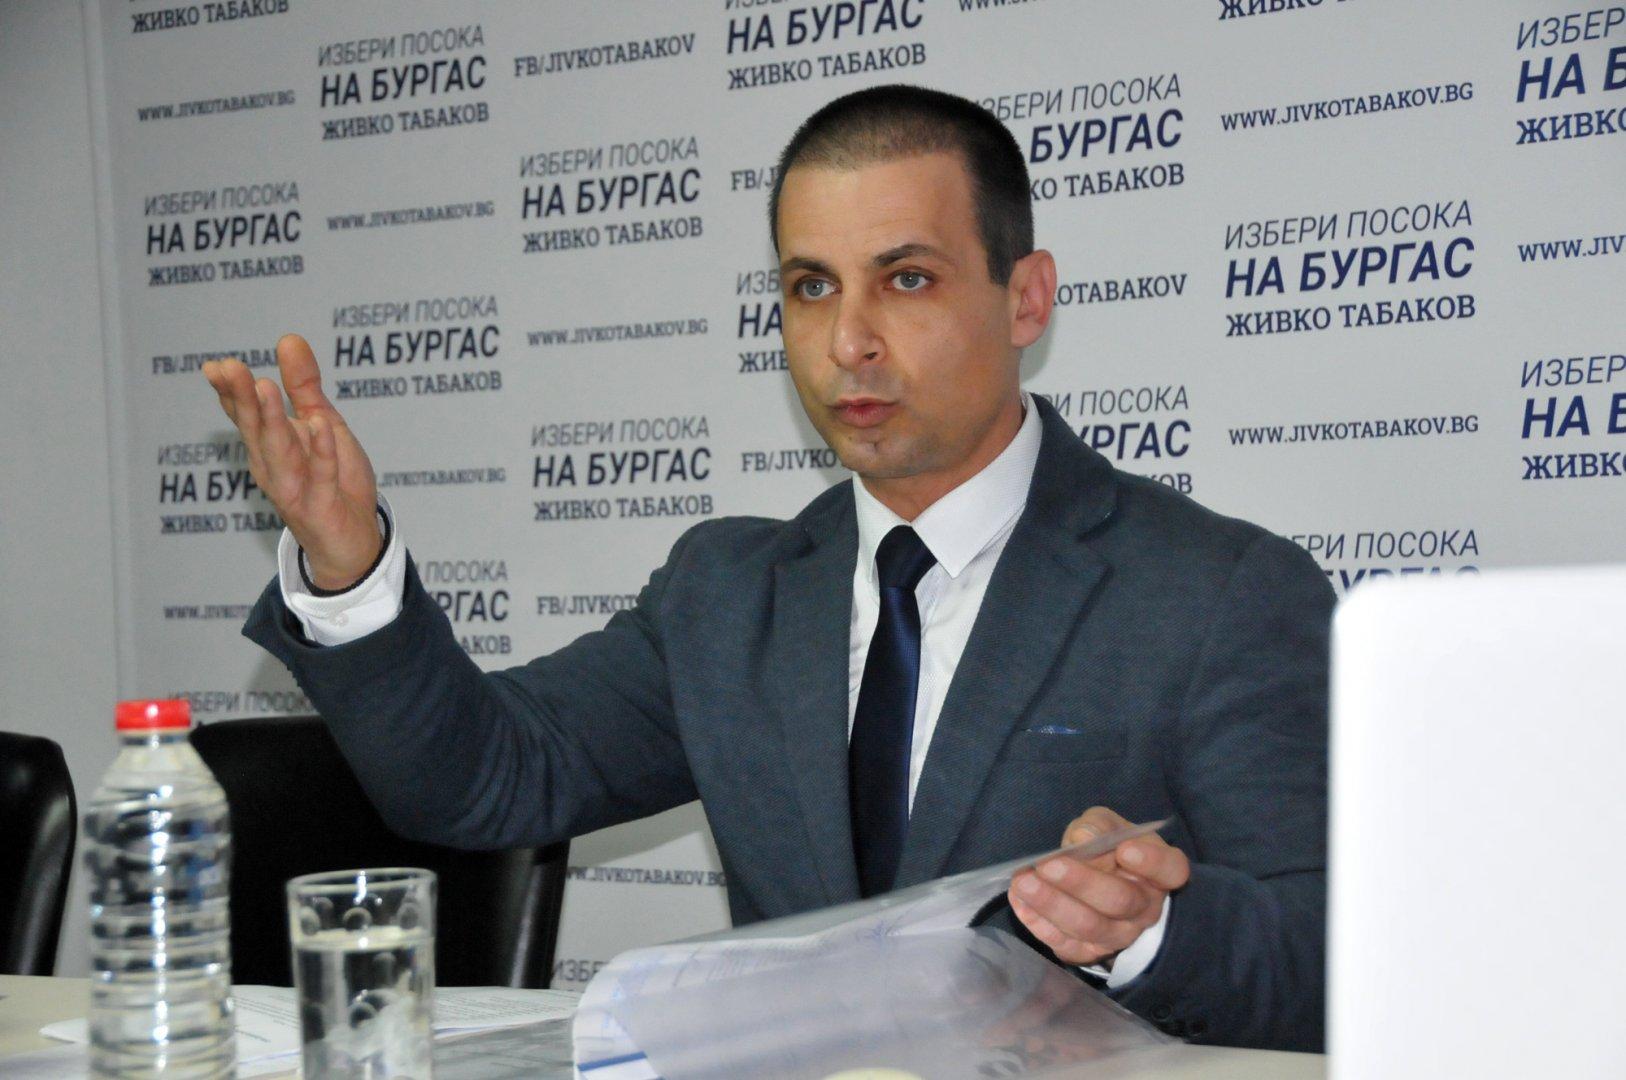 Неподустимо е това, което се случва, категоричен е Живко Табаков. Снимка Лина Главинова